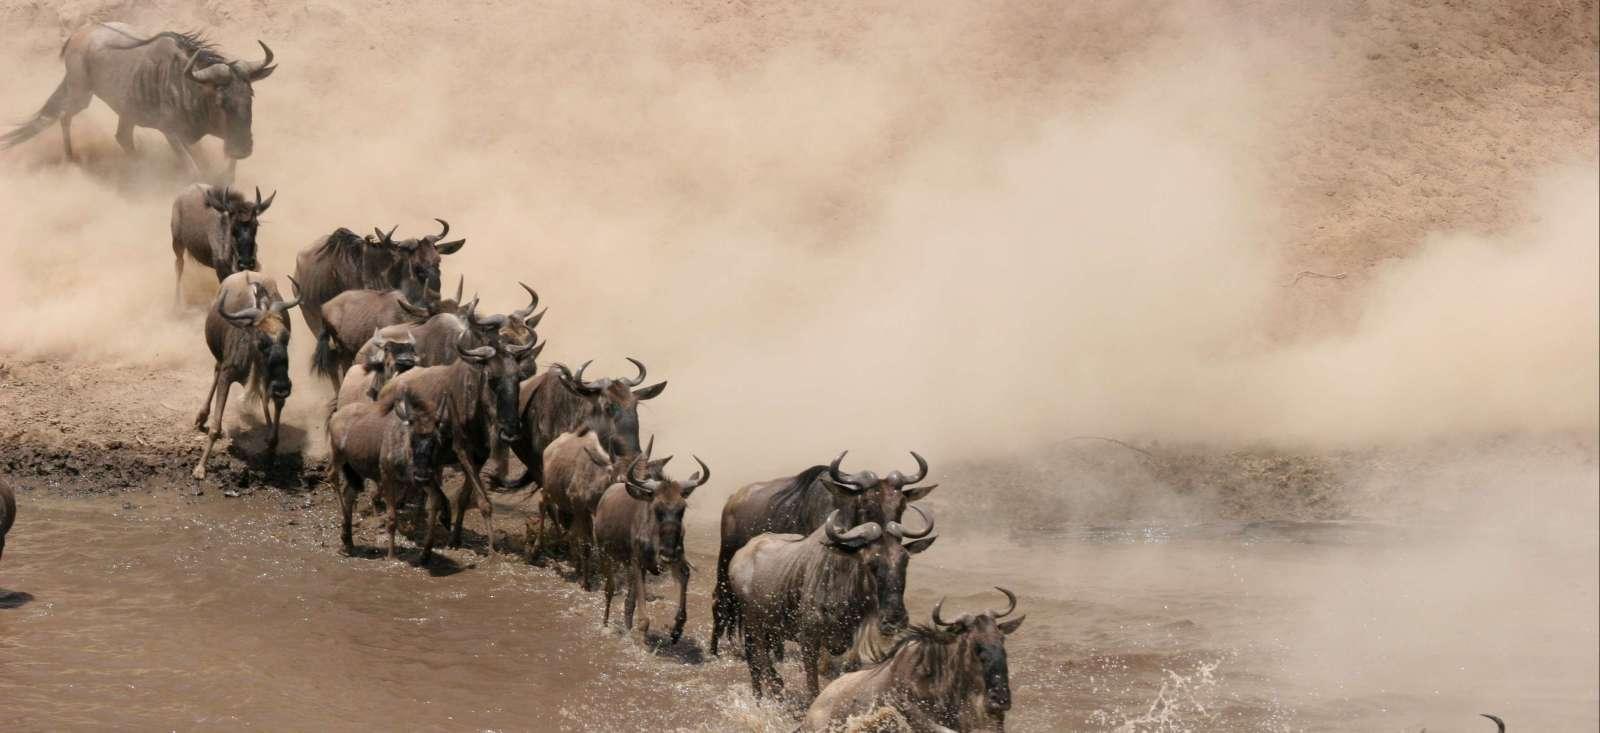 Voyage à pied : Kenya, la ferme africaine